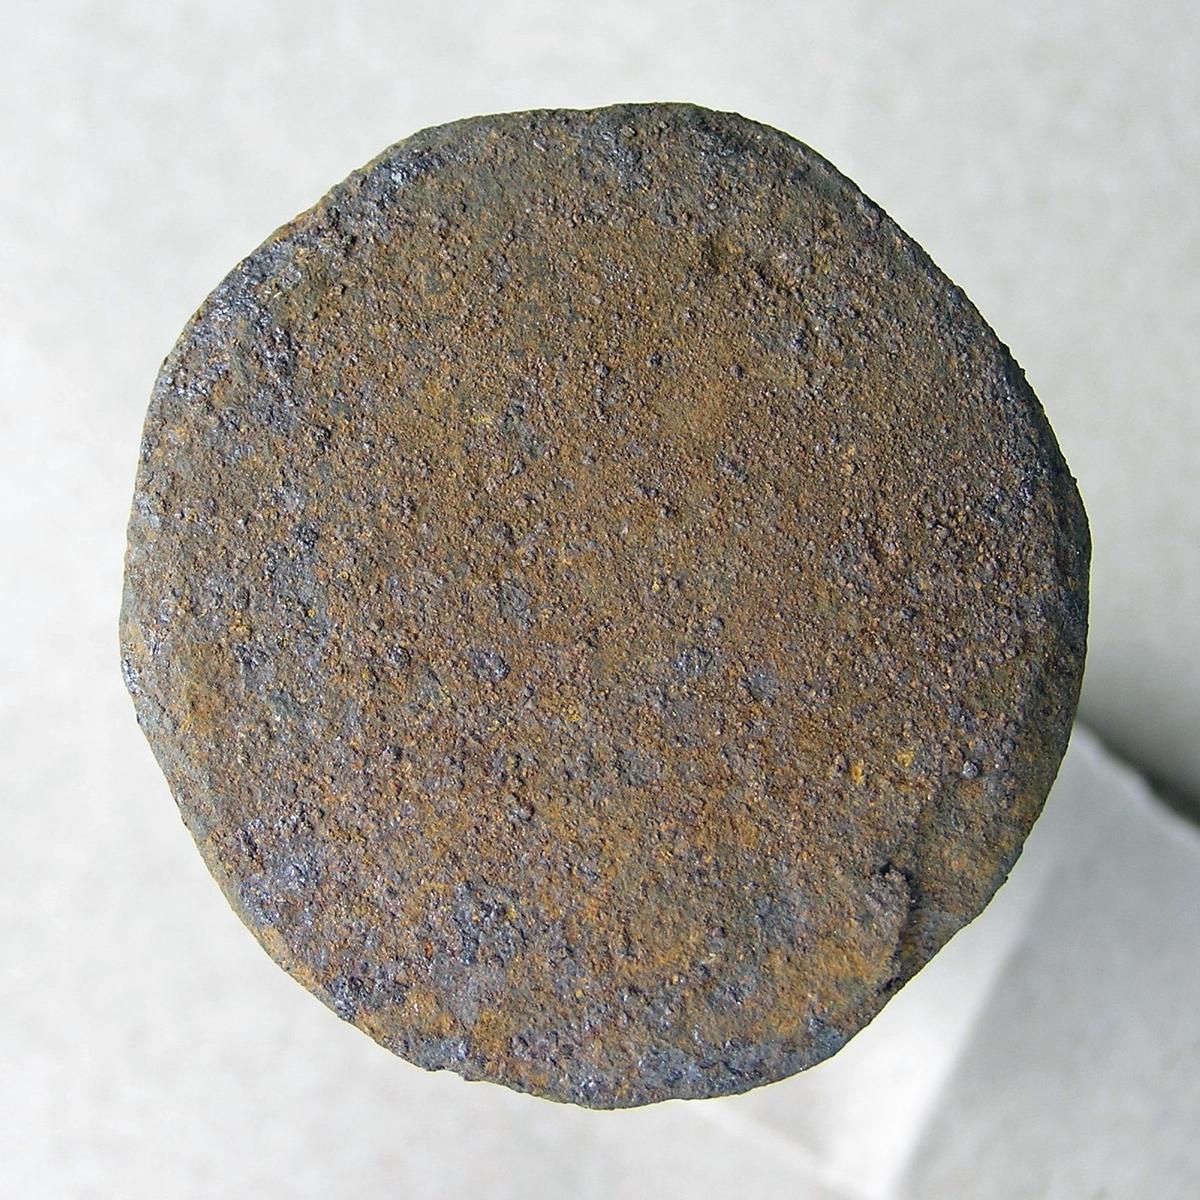 Dor beregnet til å slå hull i varmt jern med. Jernet som det skal lages hull i legges enten over et hull i ambolten/smisteet eller over et jernstykke med huller i (lokkskive).  Noe rust.